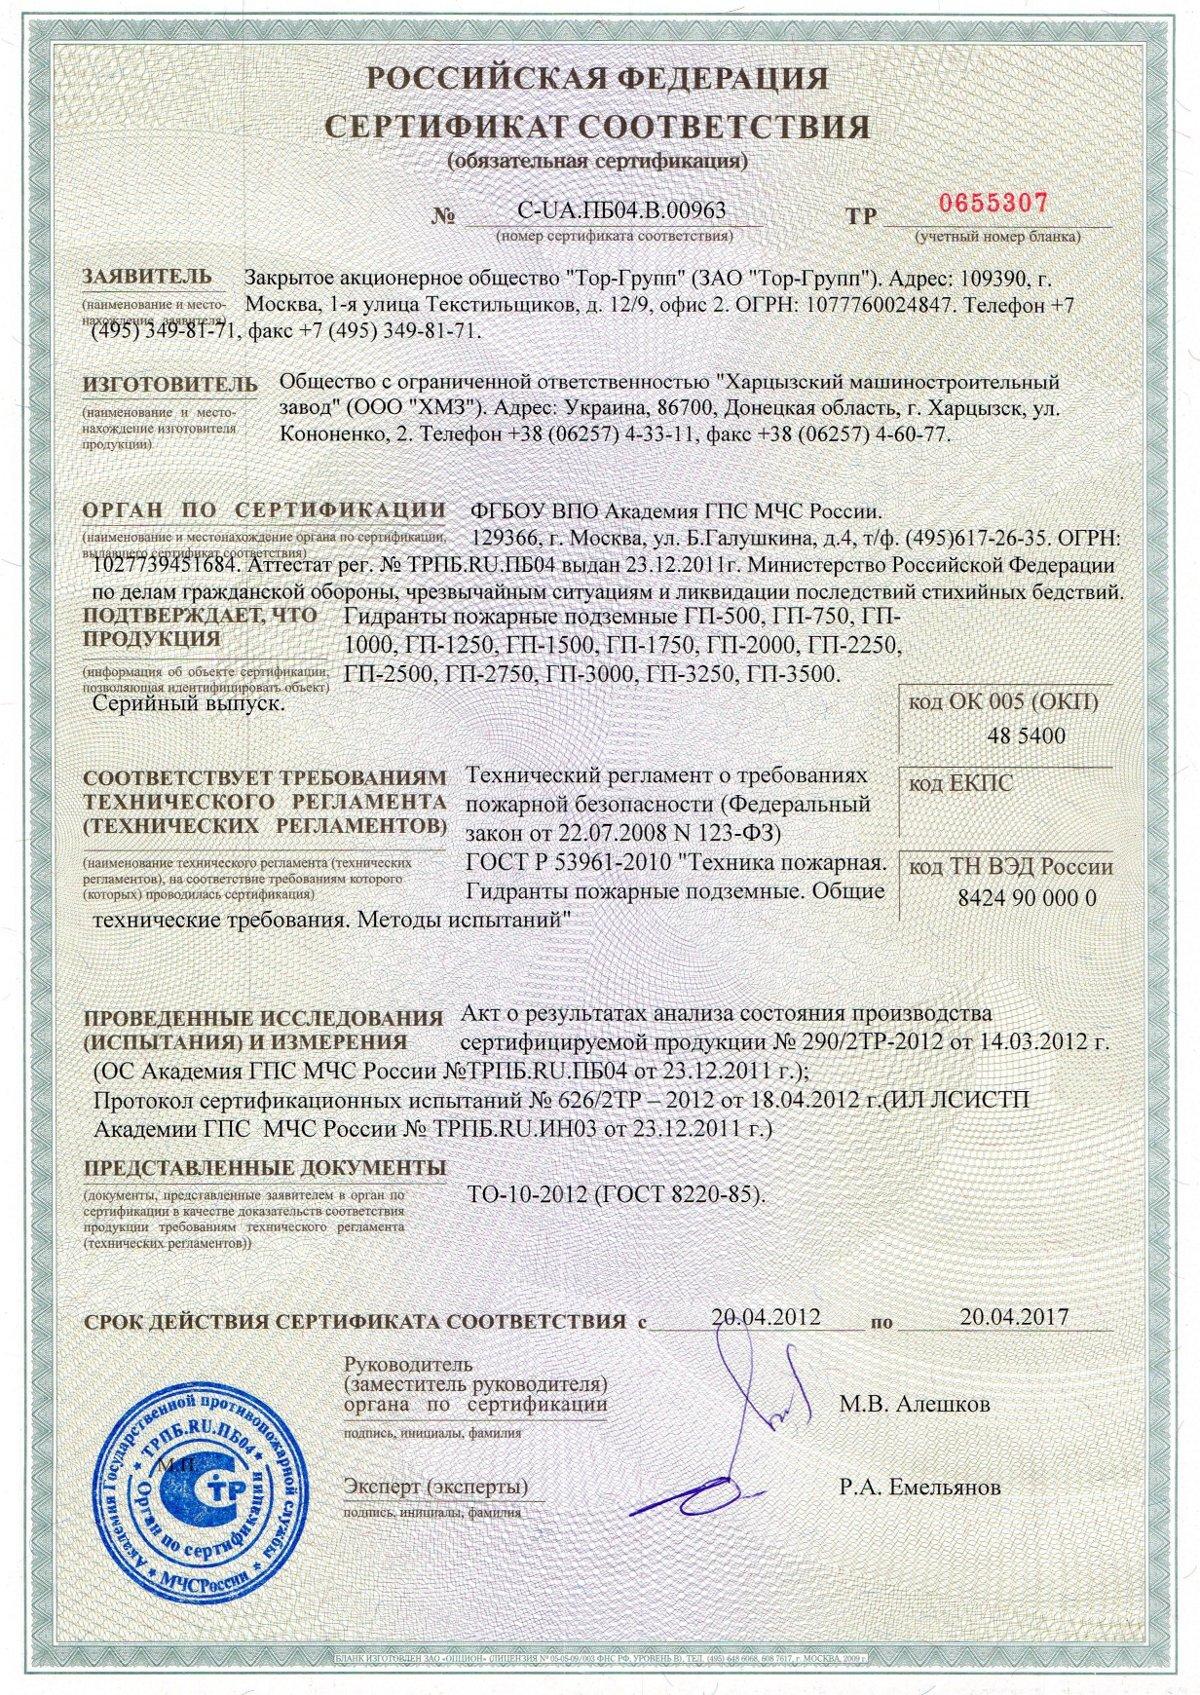 Головка соединительная напорная для пожарного оборудования сертификат соответствия